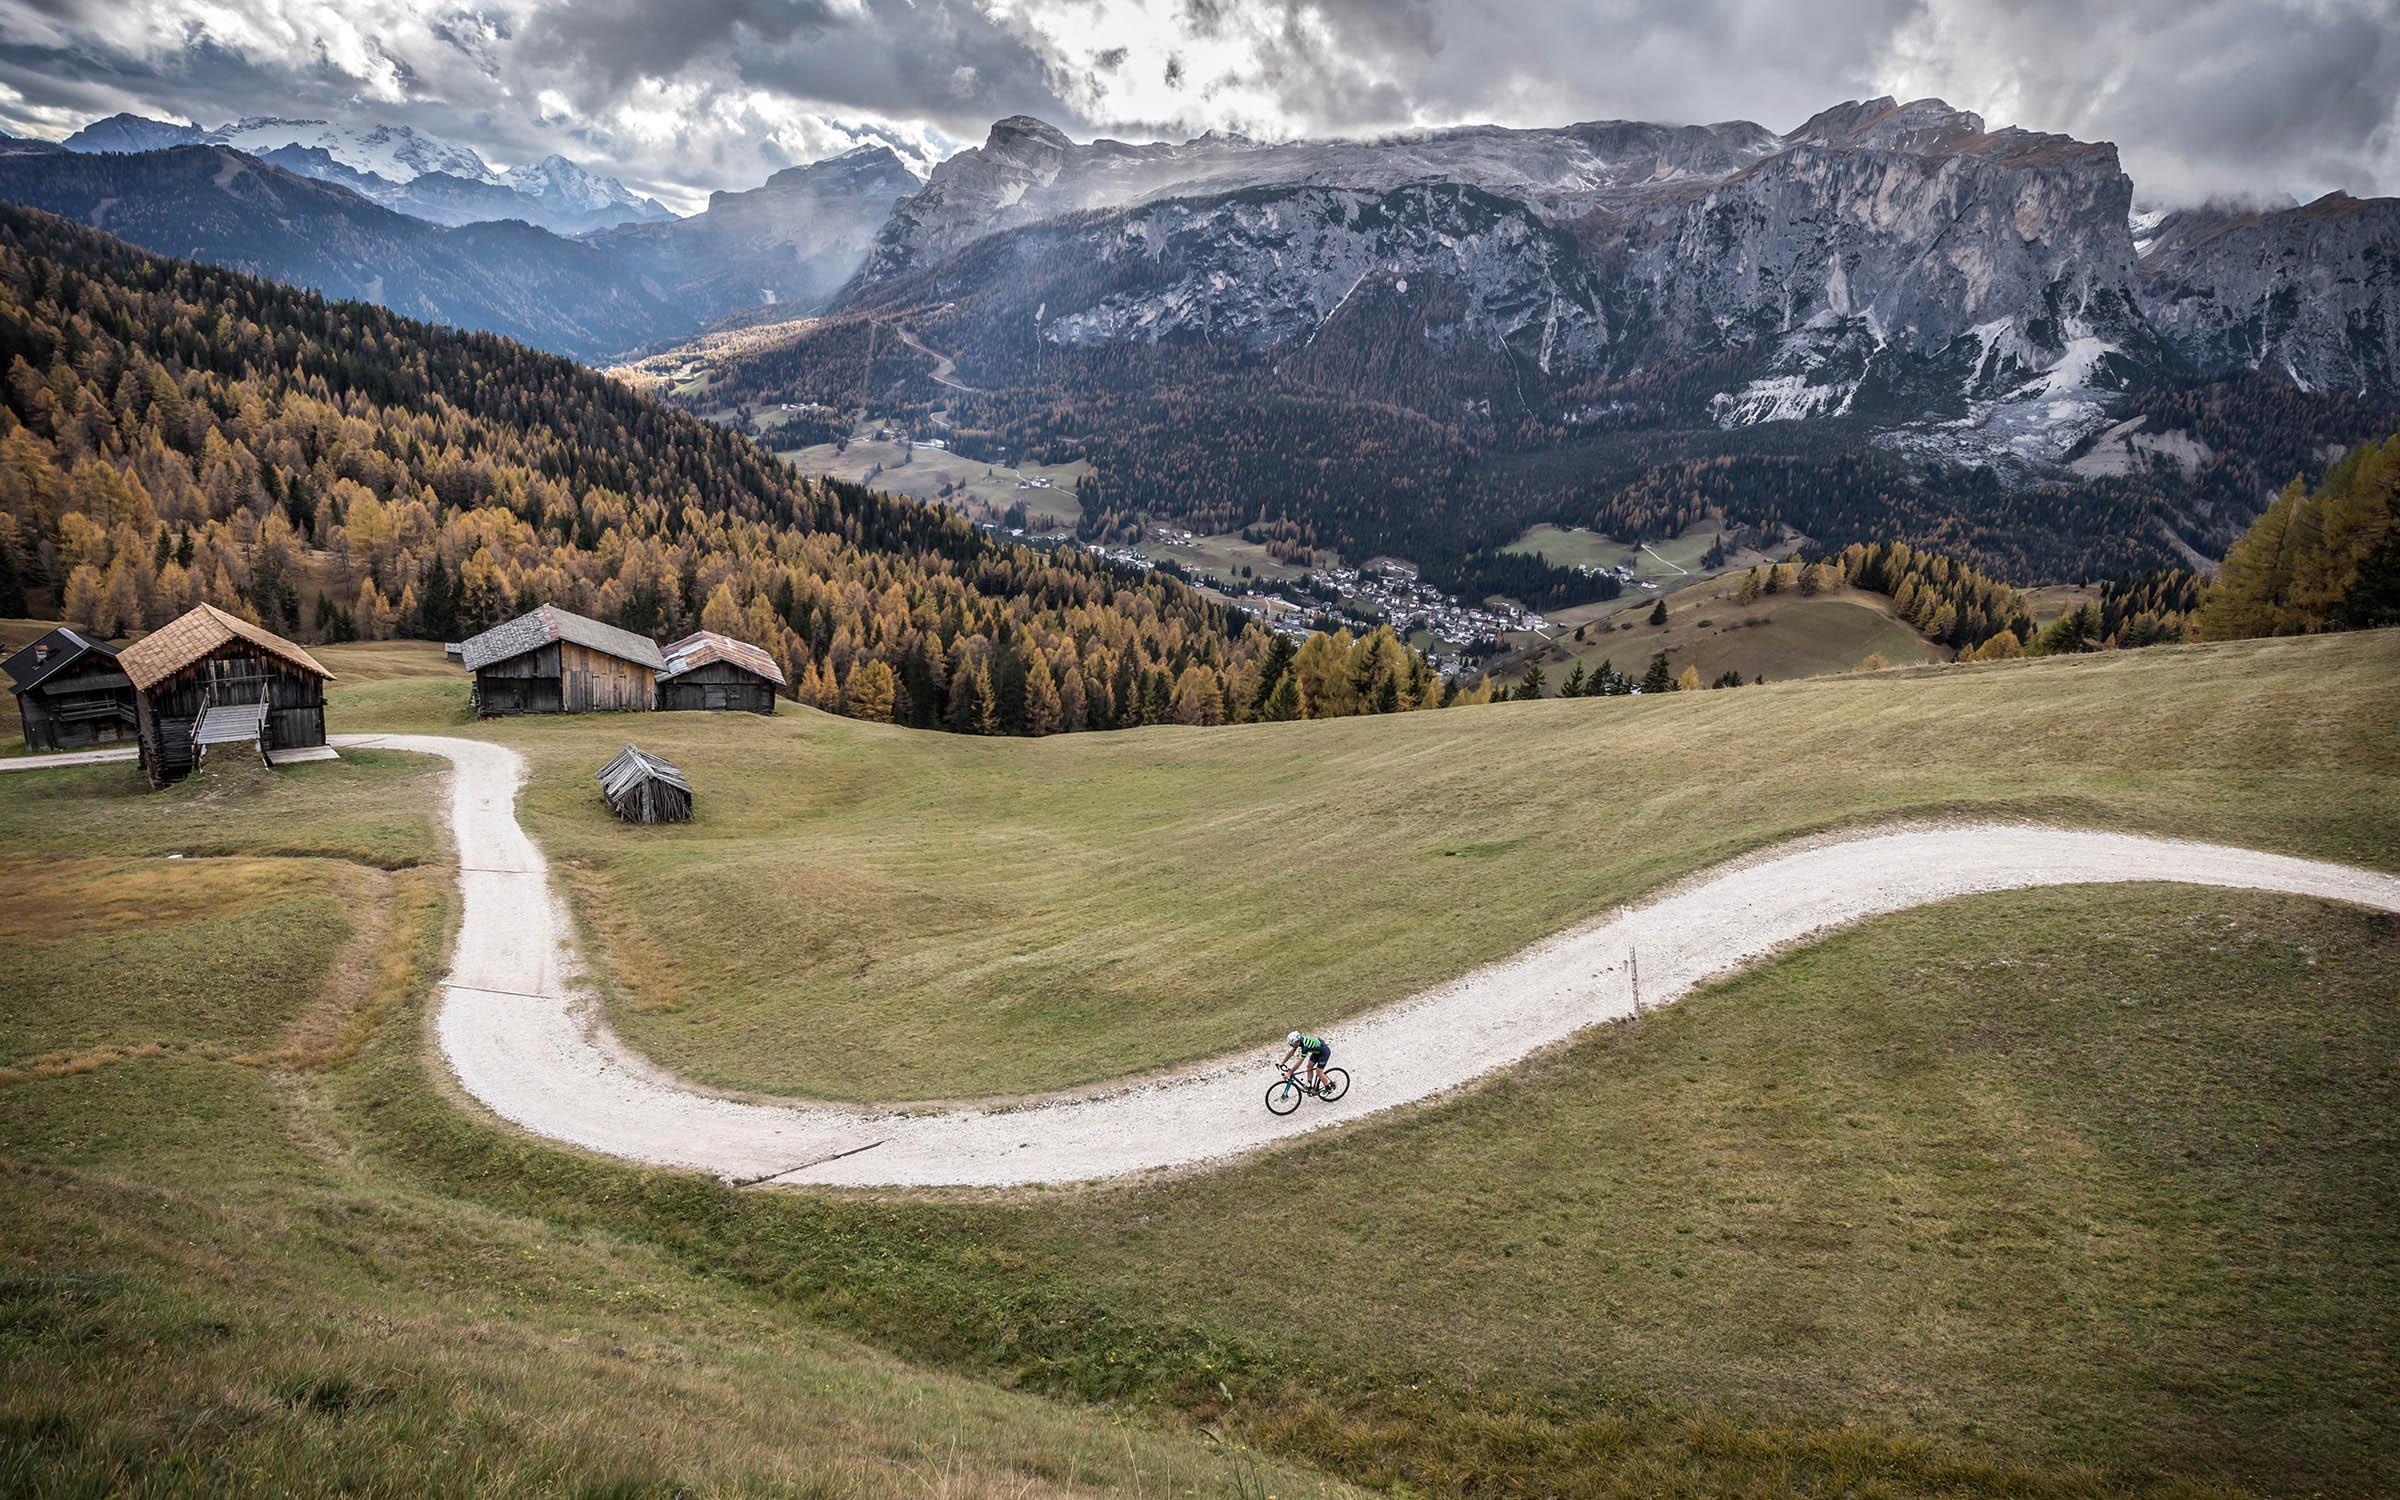 Gravelbiken in de Alpen. Specifieke hotels weten de lokale gravelroutes